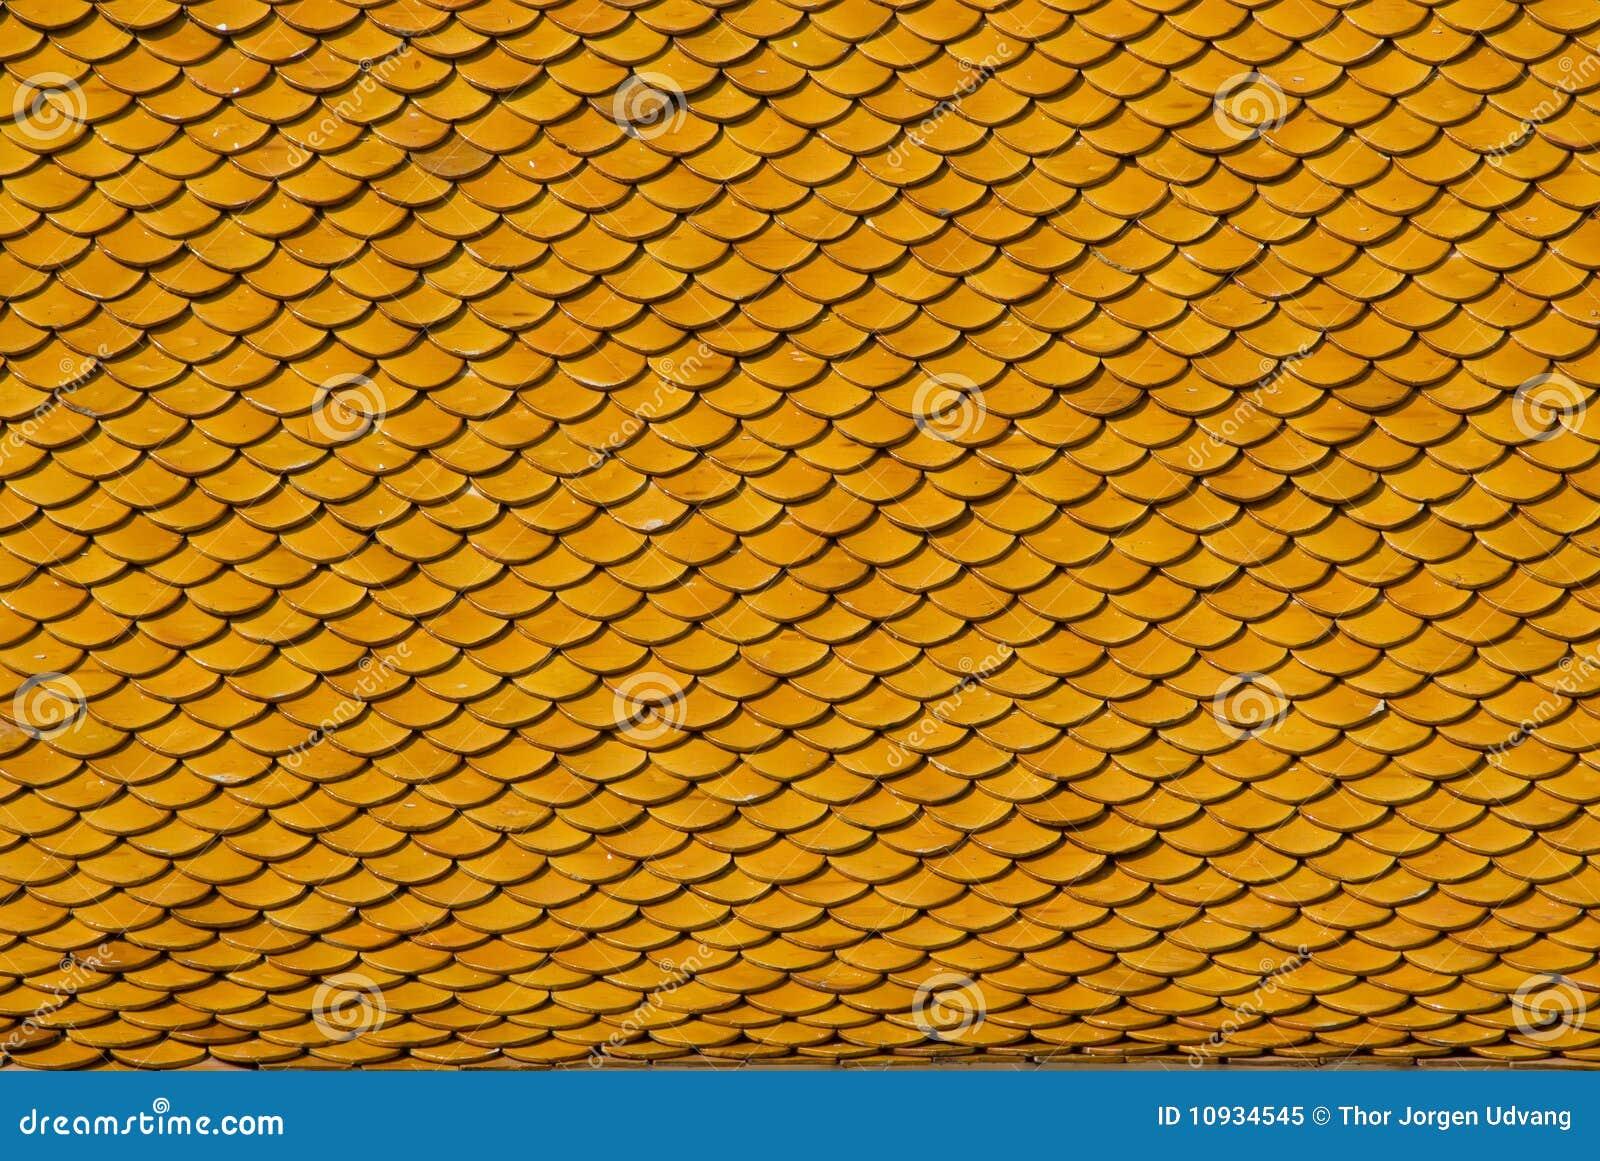 крыша крыла желтый цвет черепицей